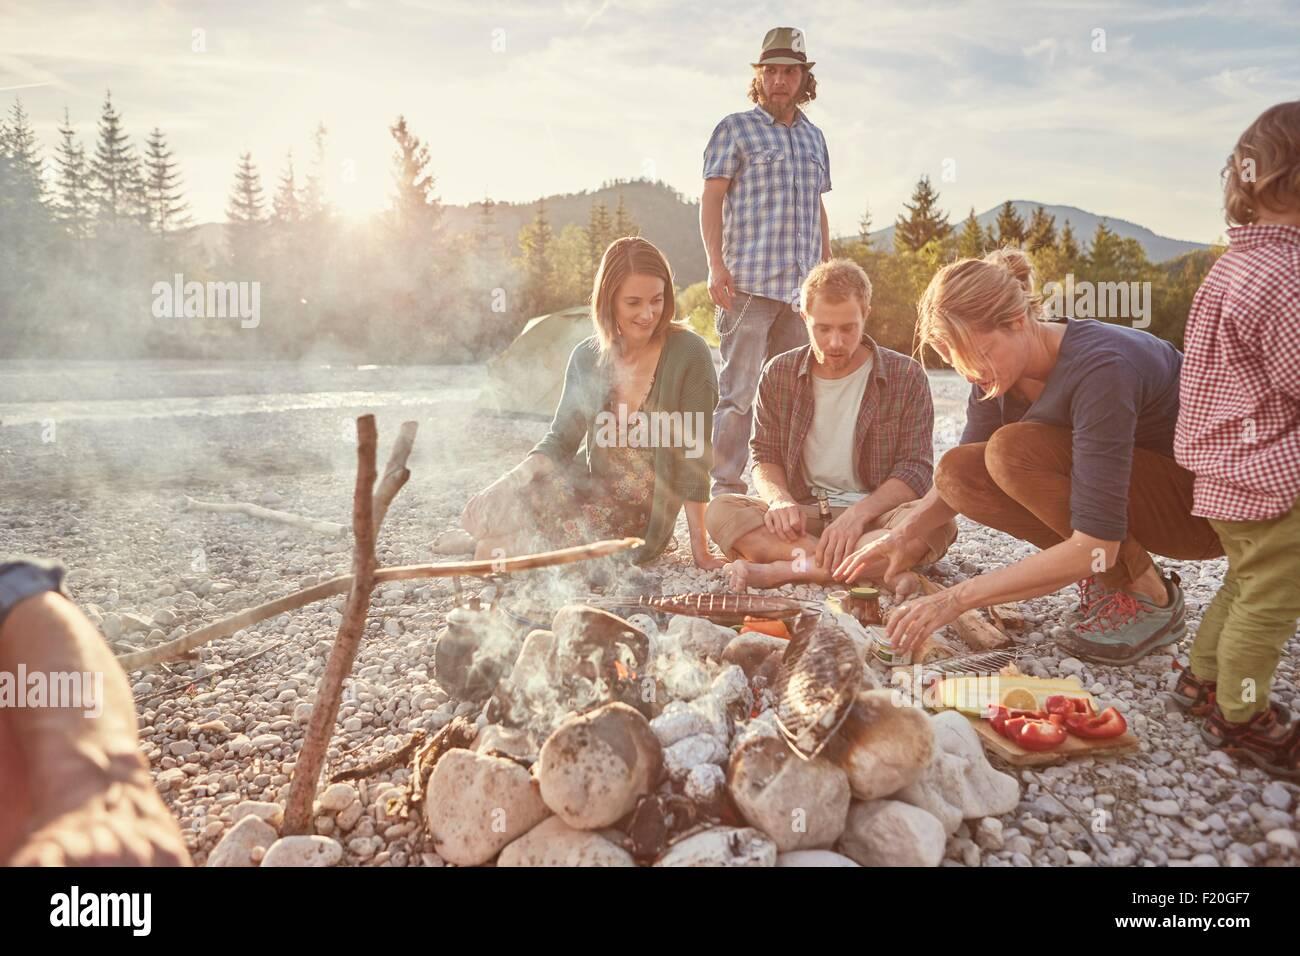 Assis autour de la famille de camp de préparer des aliments Photo Stock